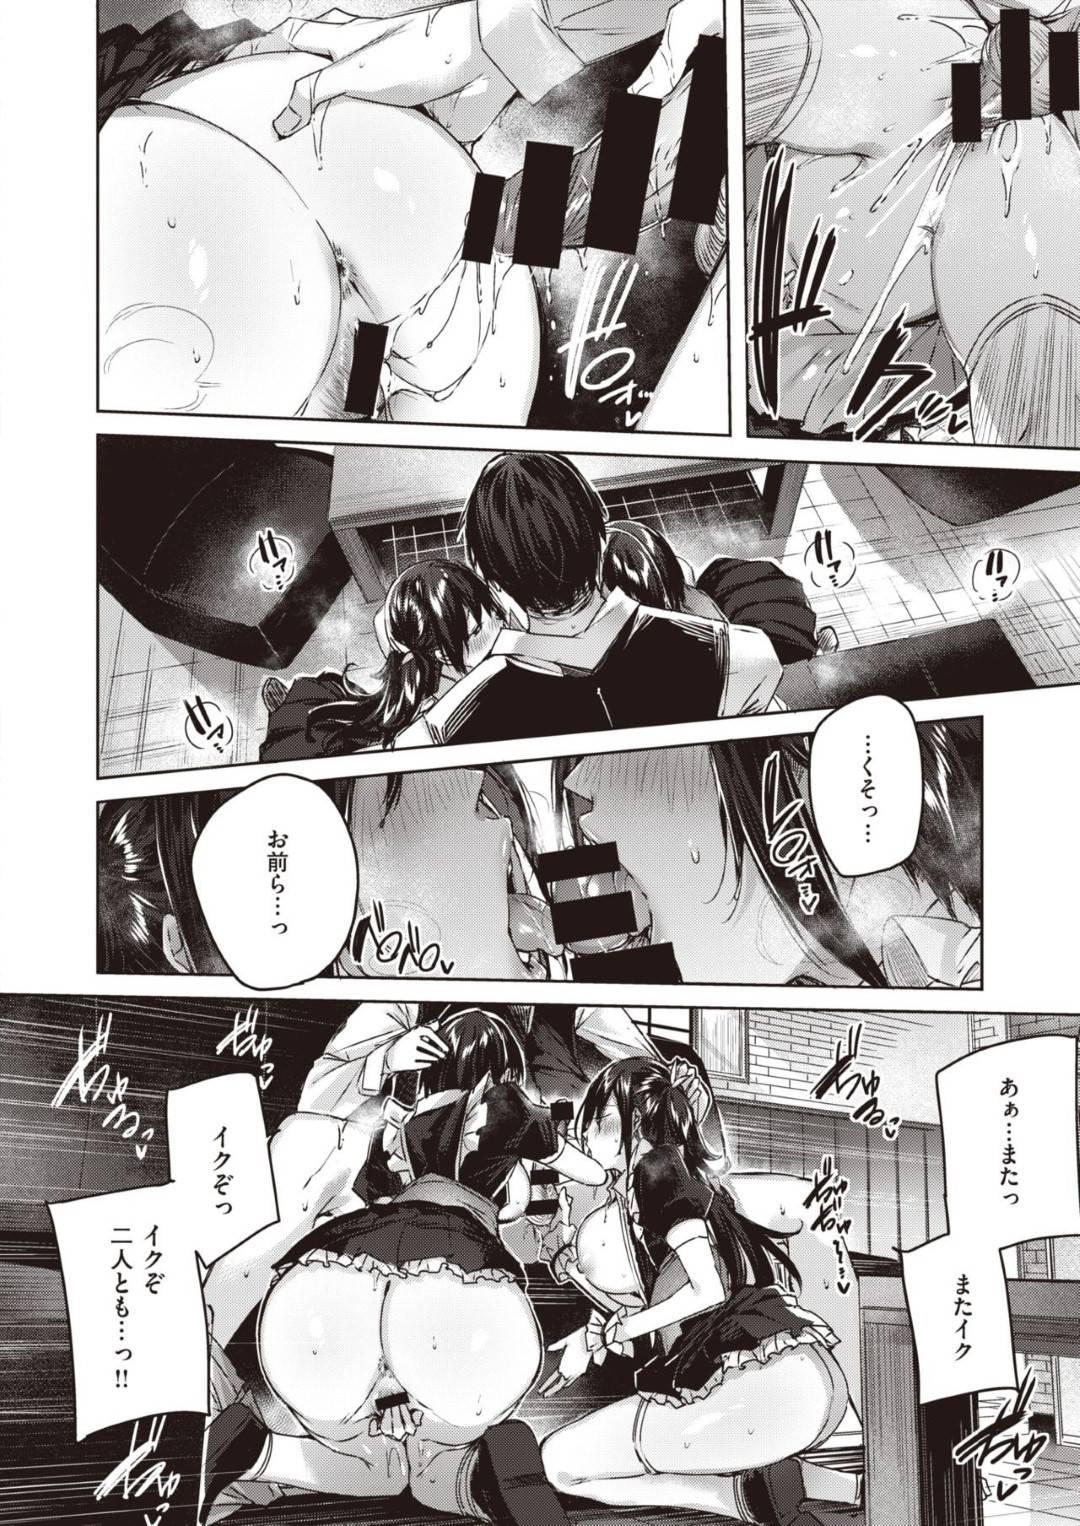 【エロ漫画】店長が手を抱えているドジっ子巨乳アルバイトと高慢巨乳アルバイト…ドジっ子からの提案で催眠アプリを使って2人を従順なメイドに仕立て上げご奉仕セックスを堪能!【kakao】